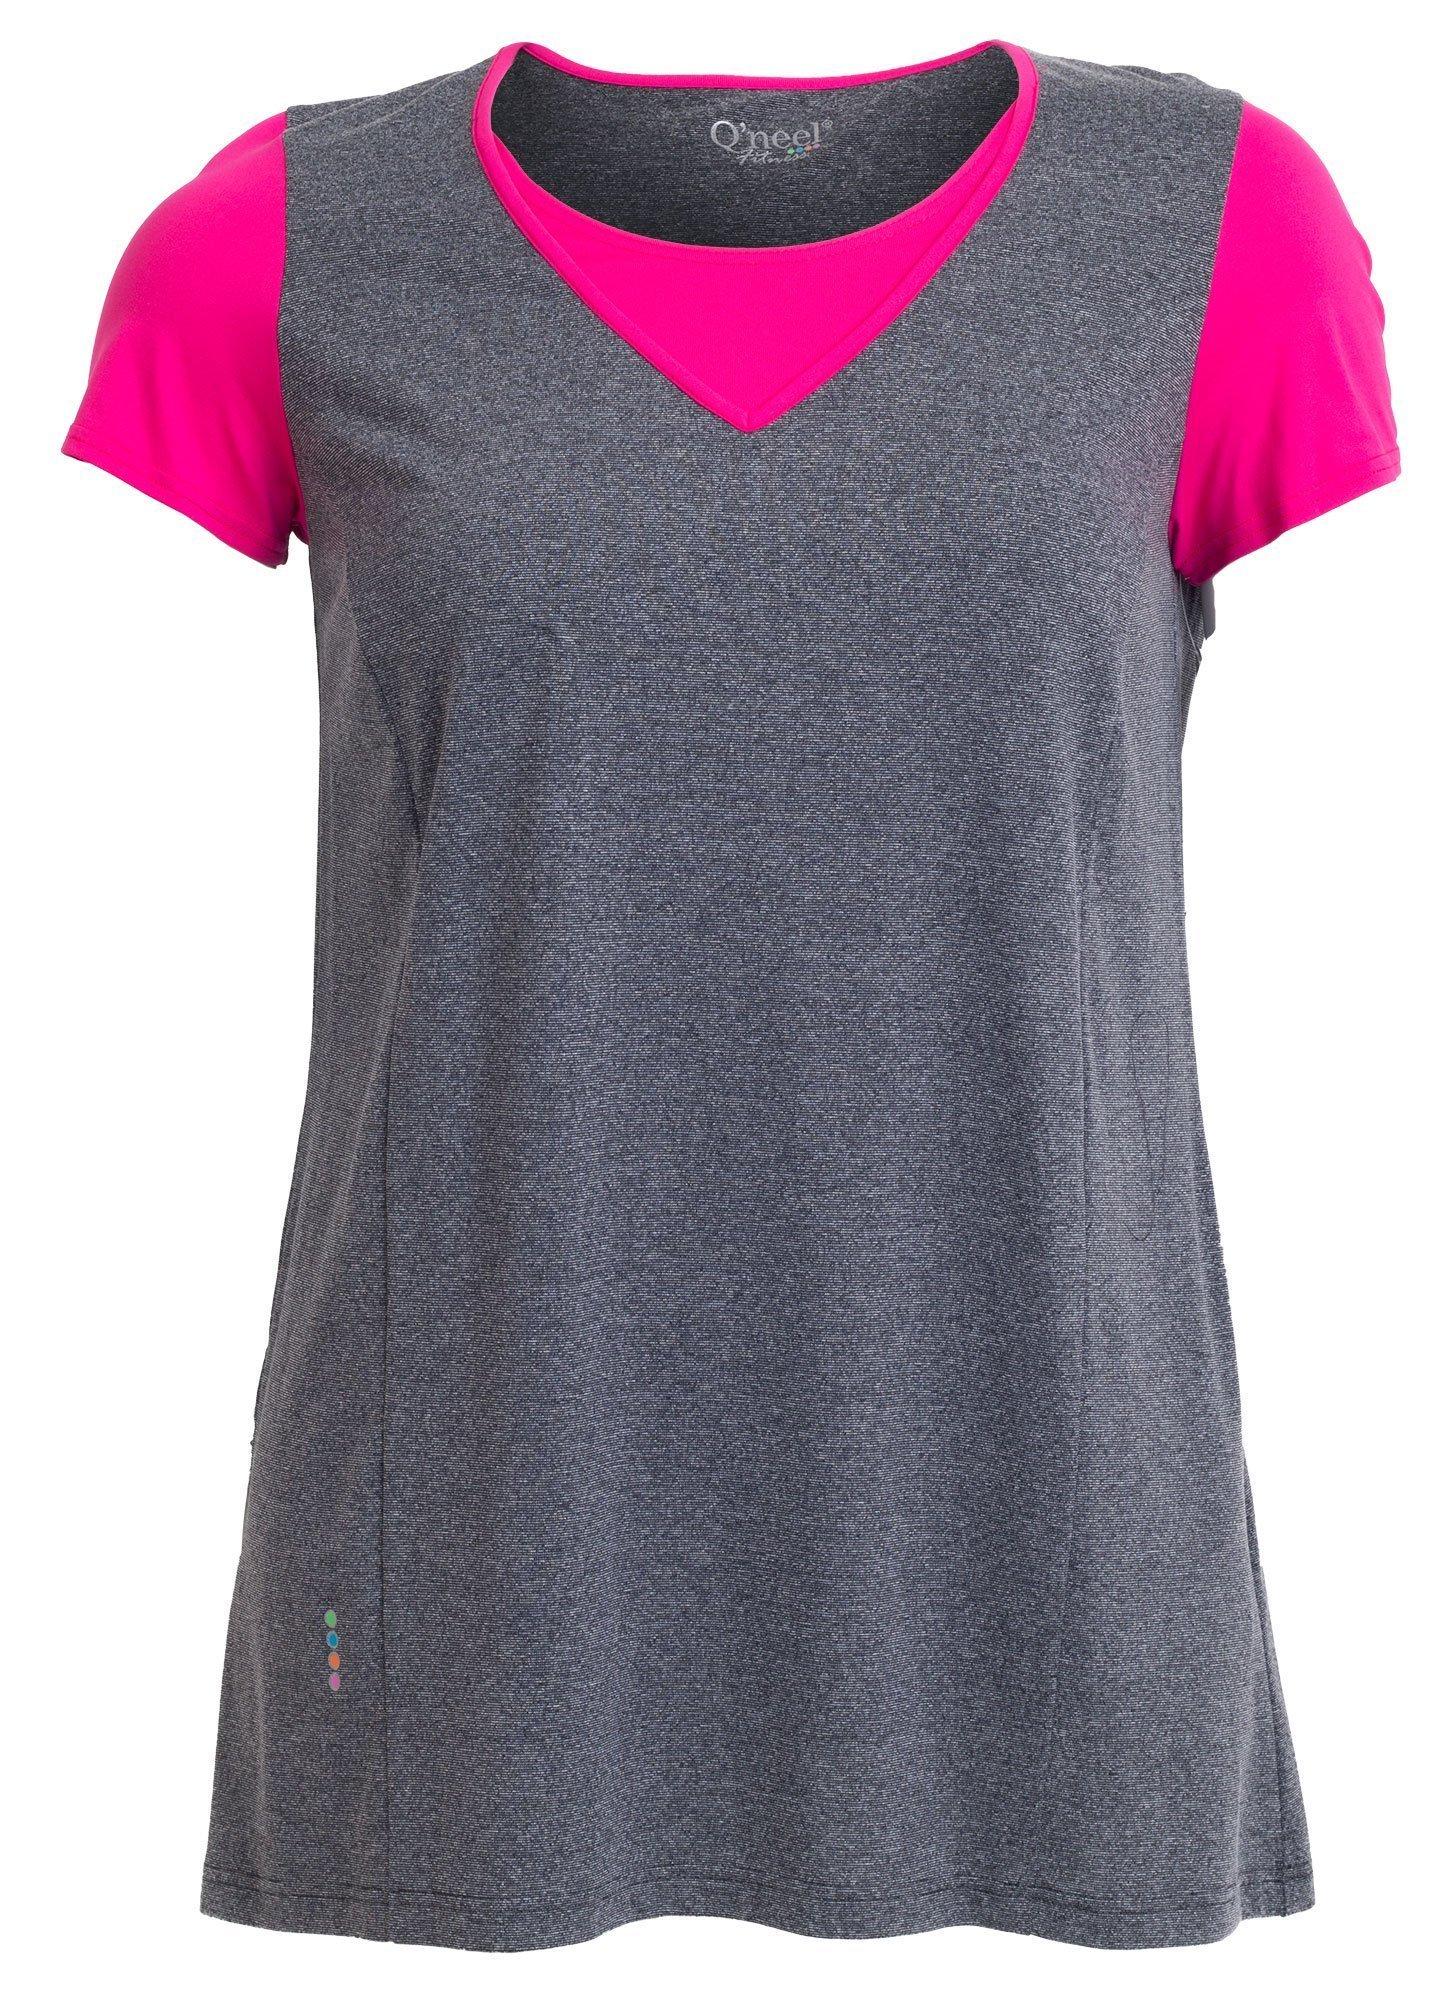 Fitness t-shirt i grå og pink